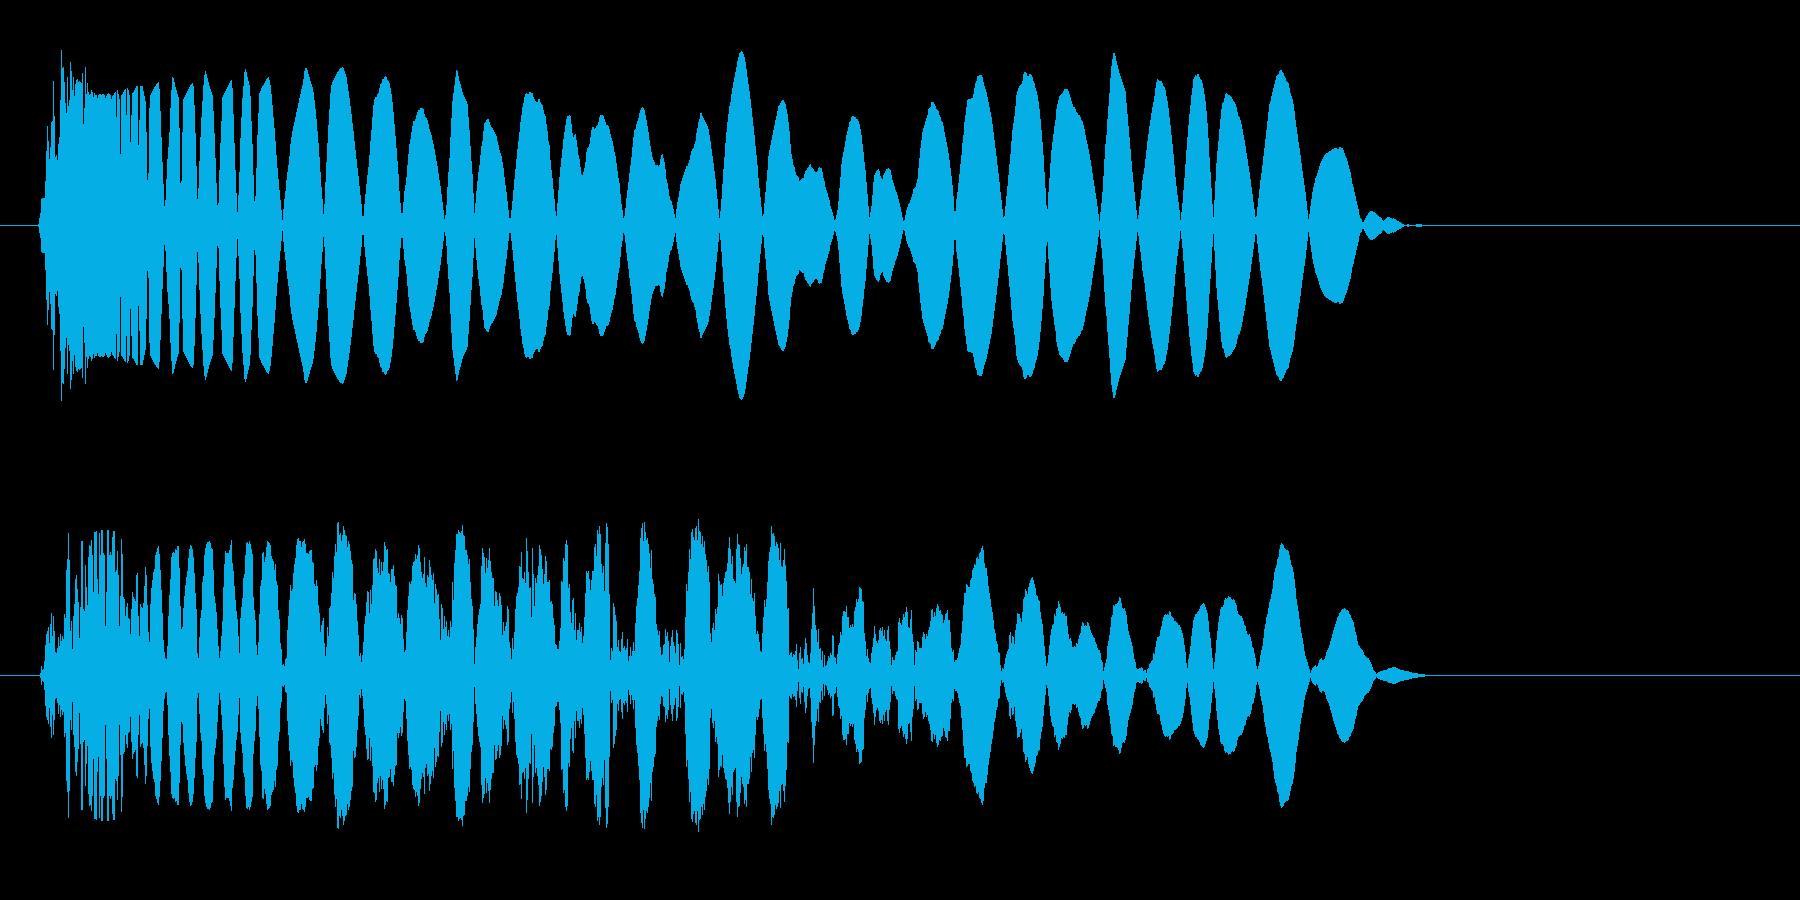 ドン(上から叩きつける音)の再生済みの波形